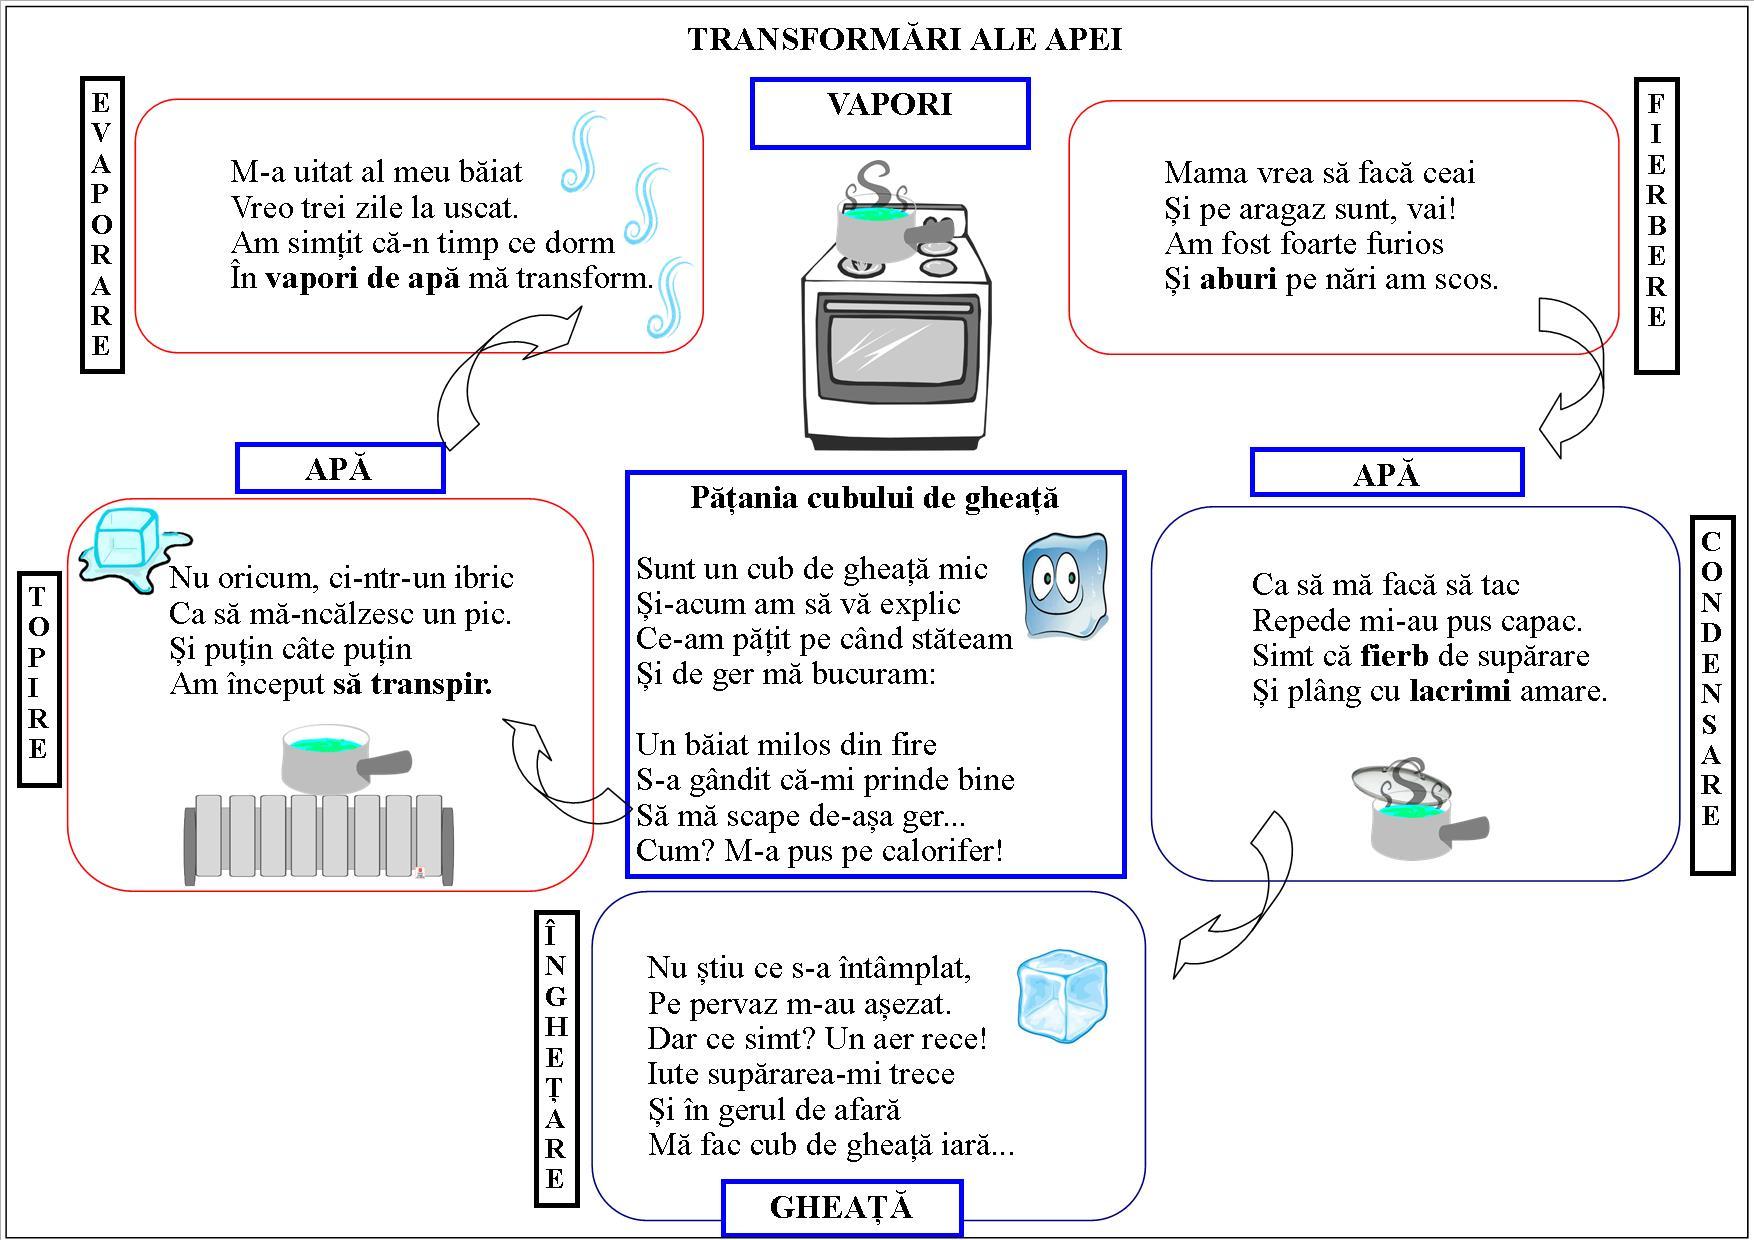 Transformările apei